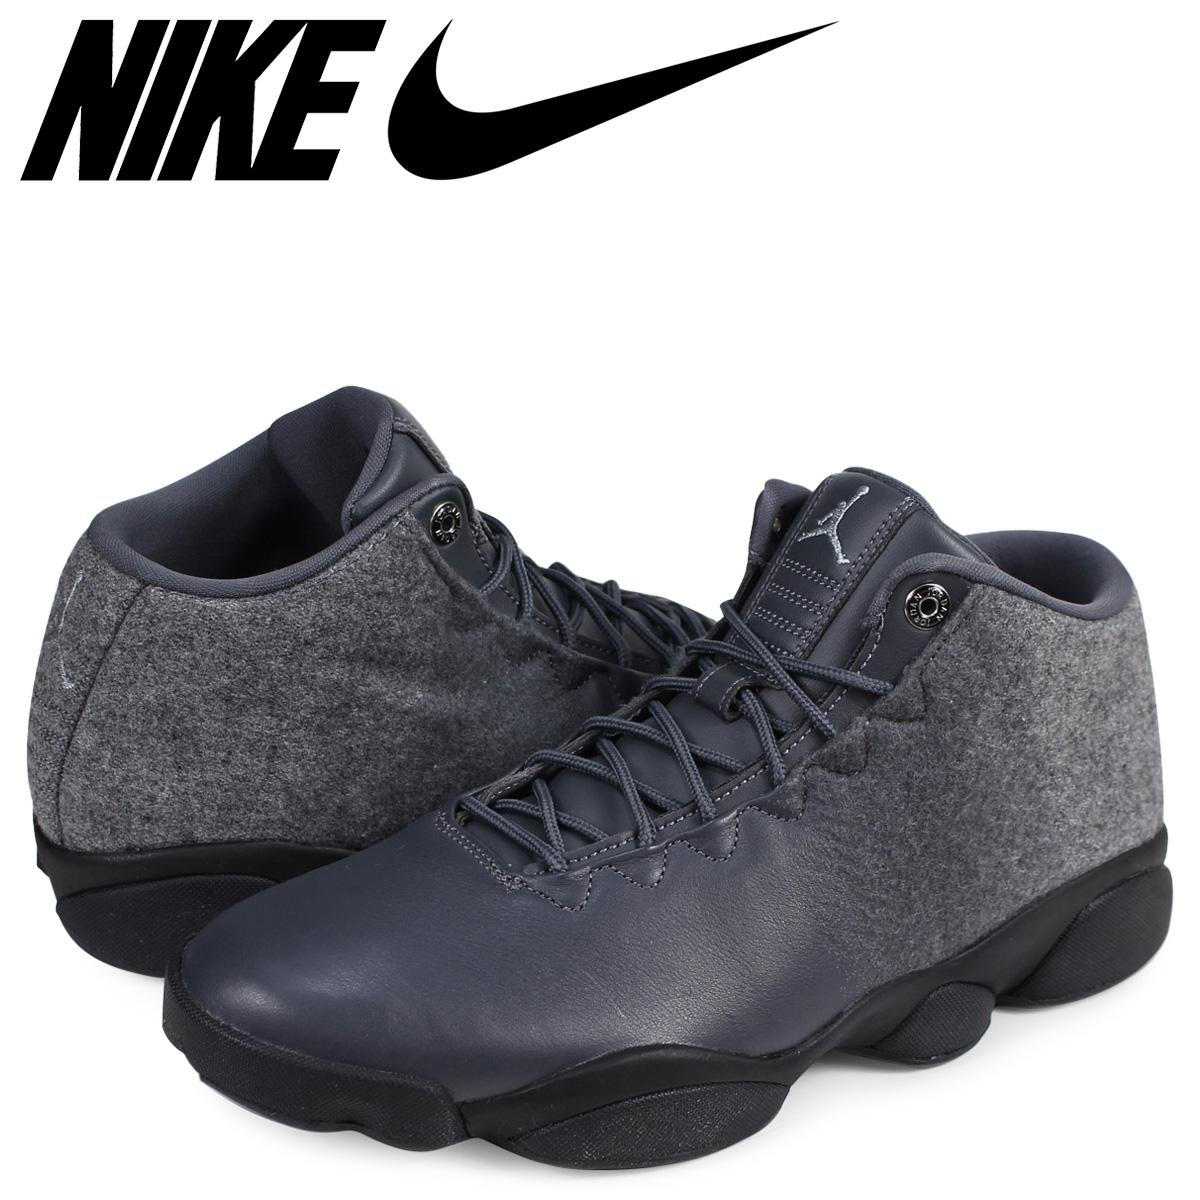 1494138ba4b4 ... black multi color d8b9e 1cefe closeout nike nike jordan sneakers men jordan  horizon low premium 850678 003 gray 86bcc 6a43e ...